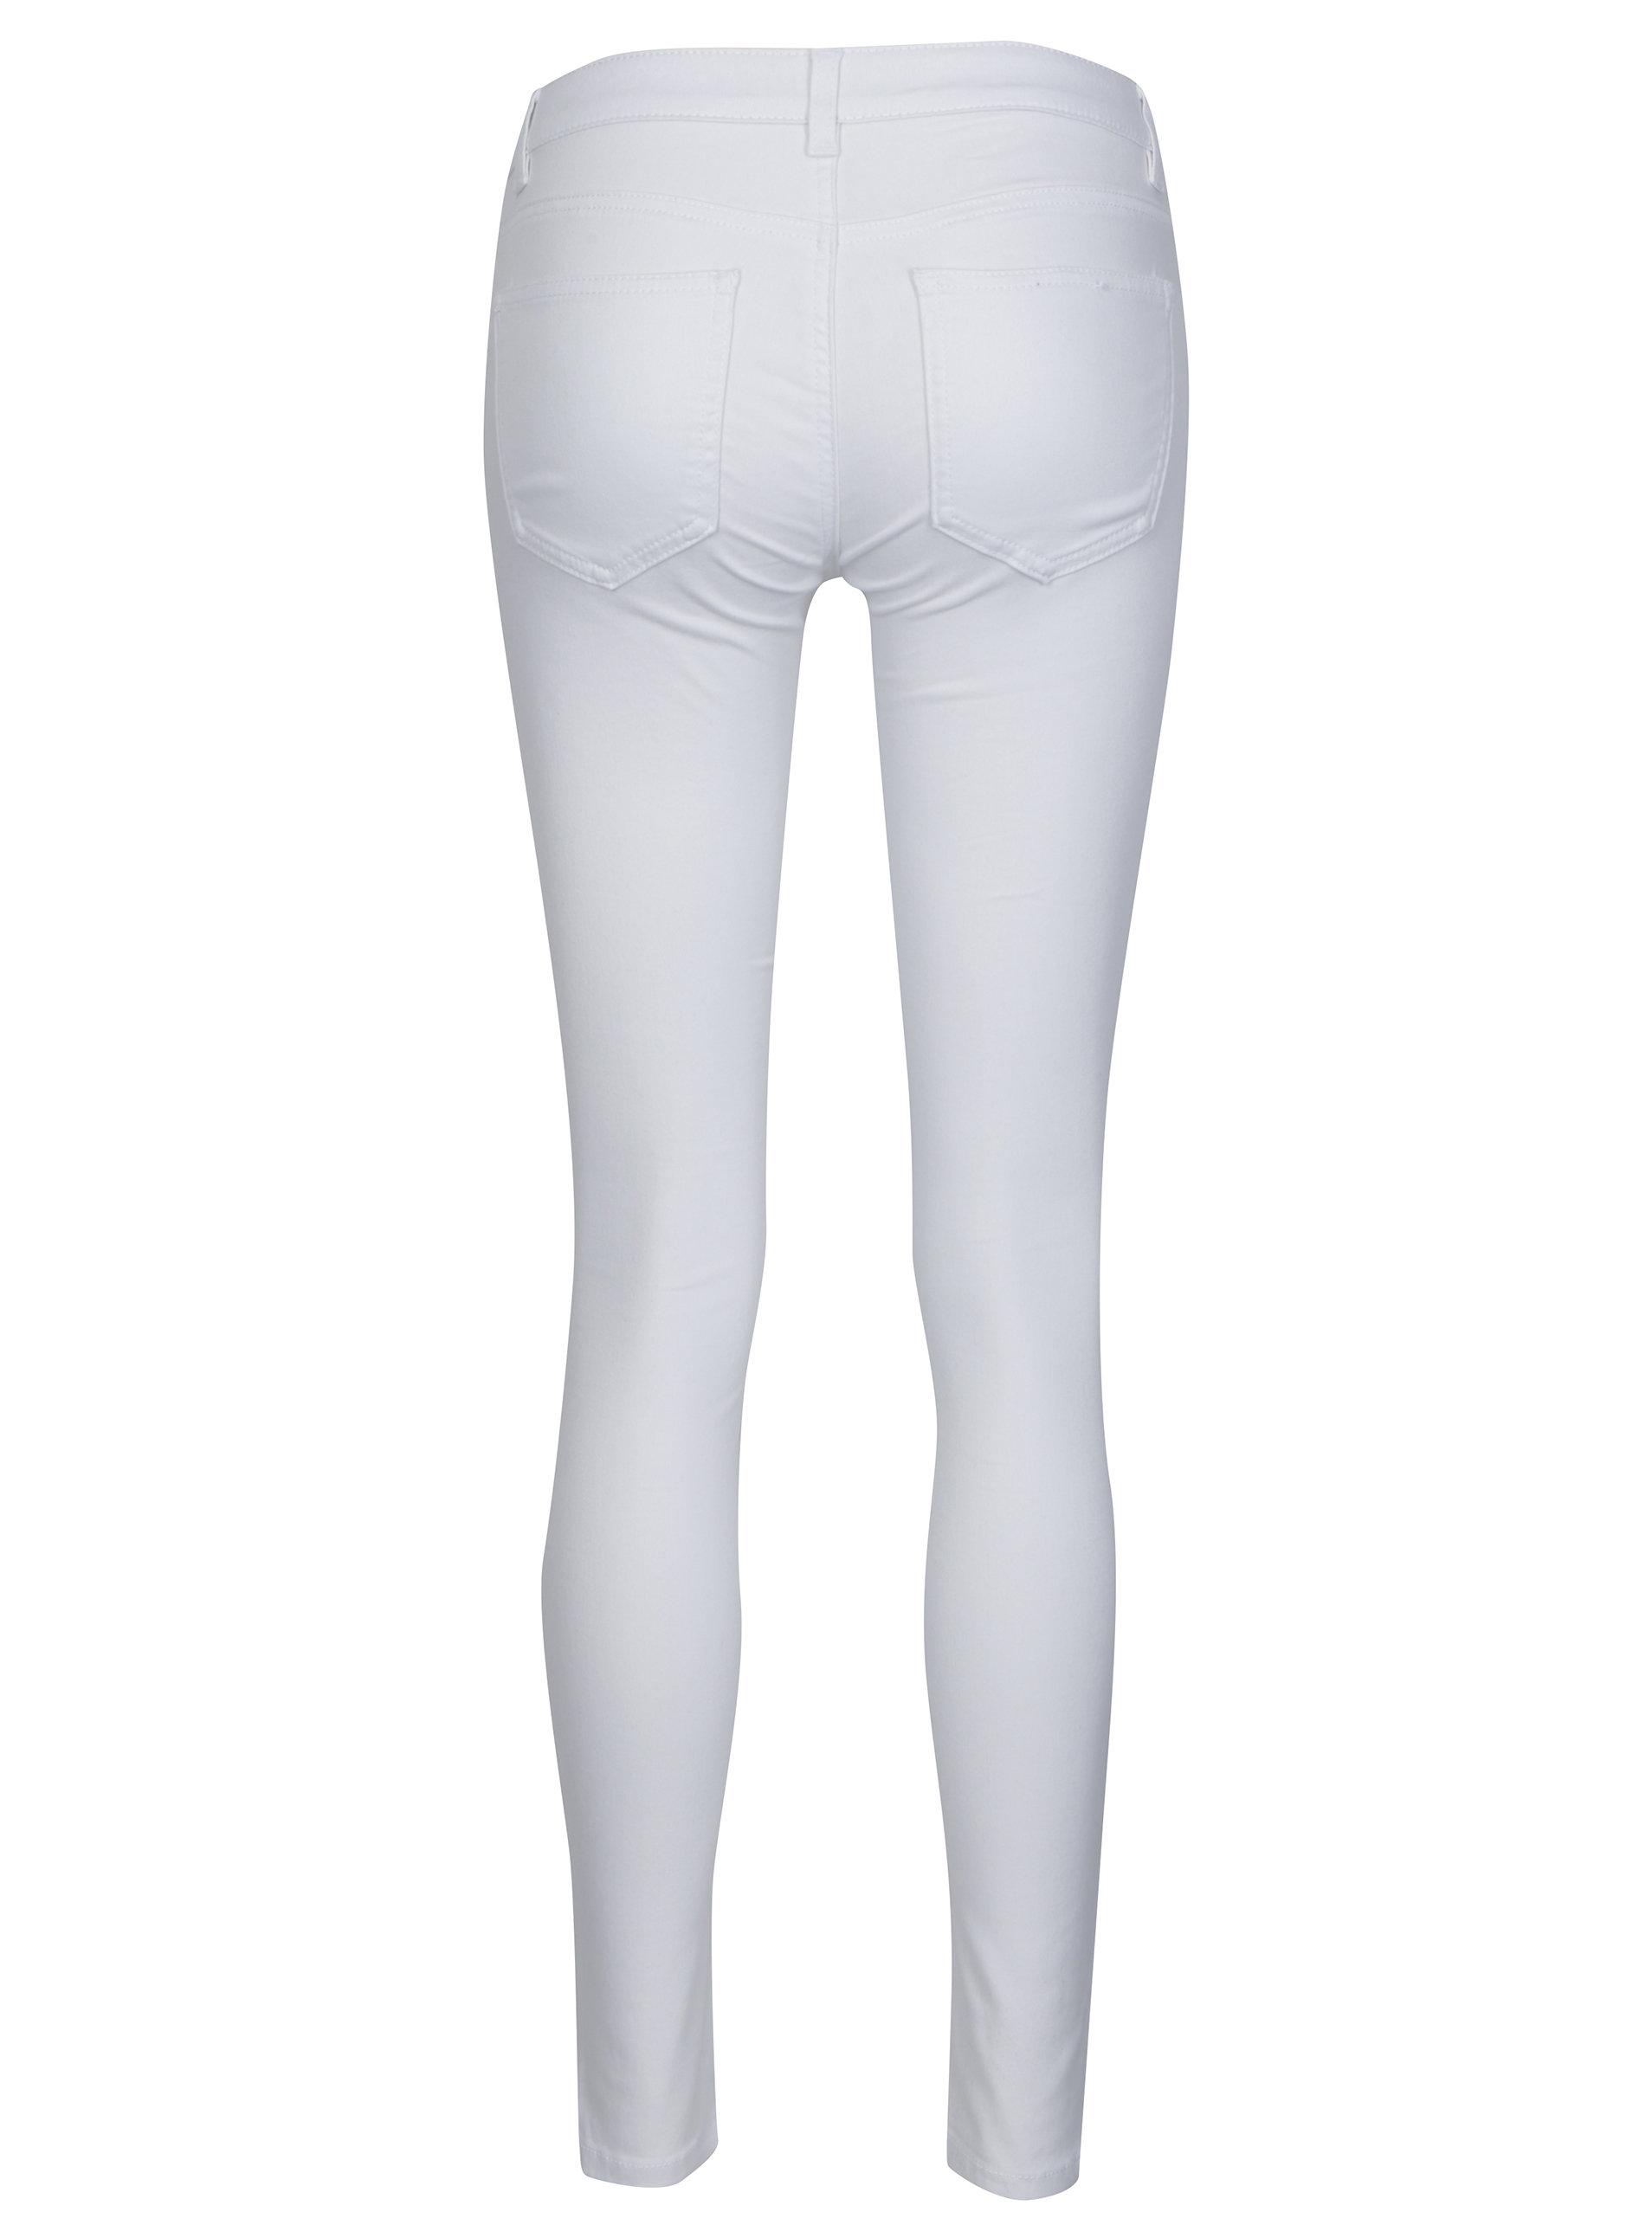 f1f35bc8273d Bílé super slim džíny s nízkým pasem Noisy May Eve ...